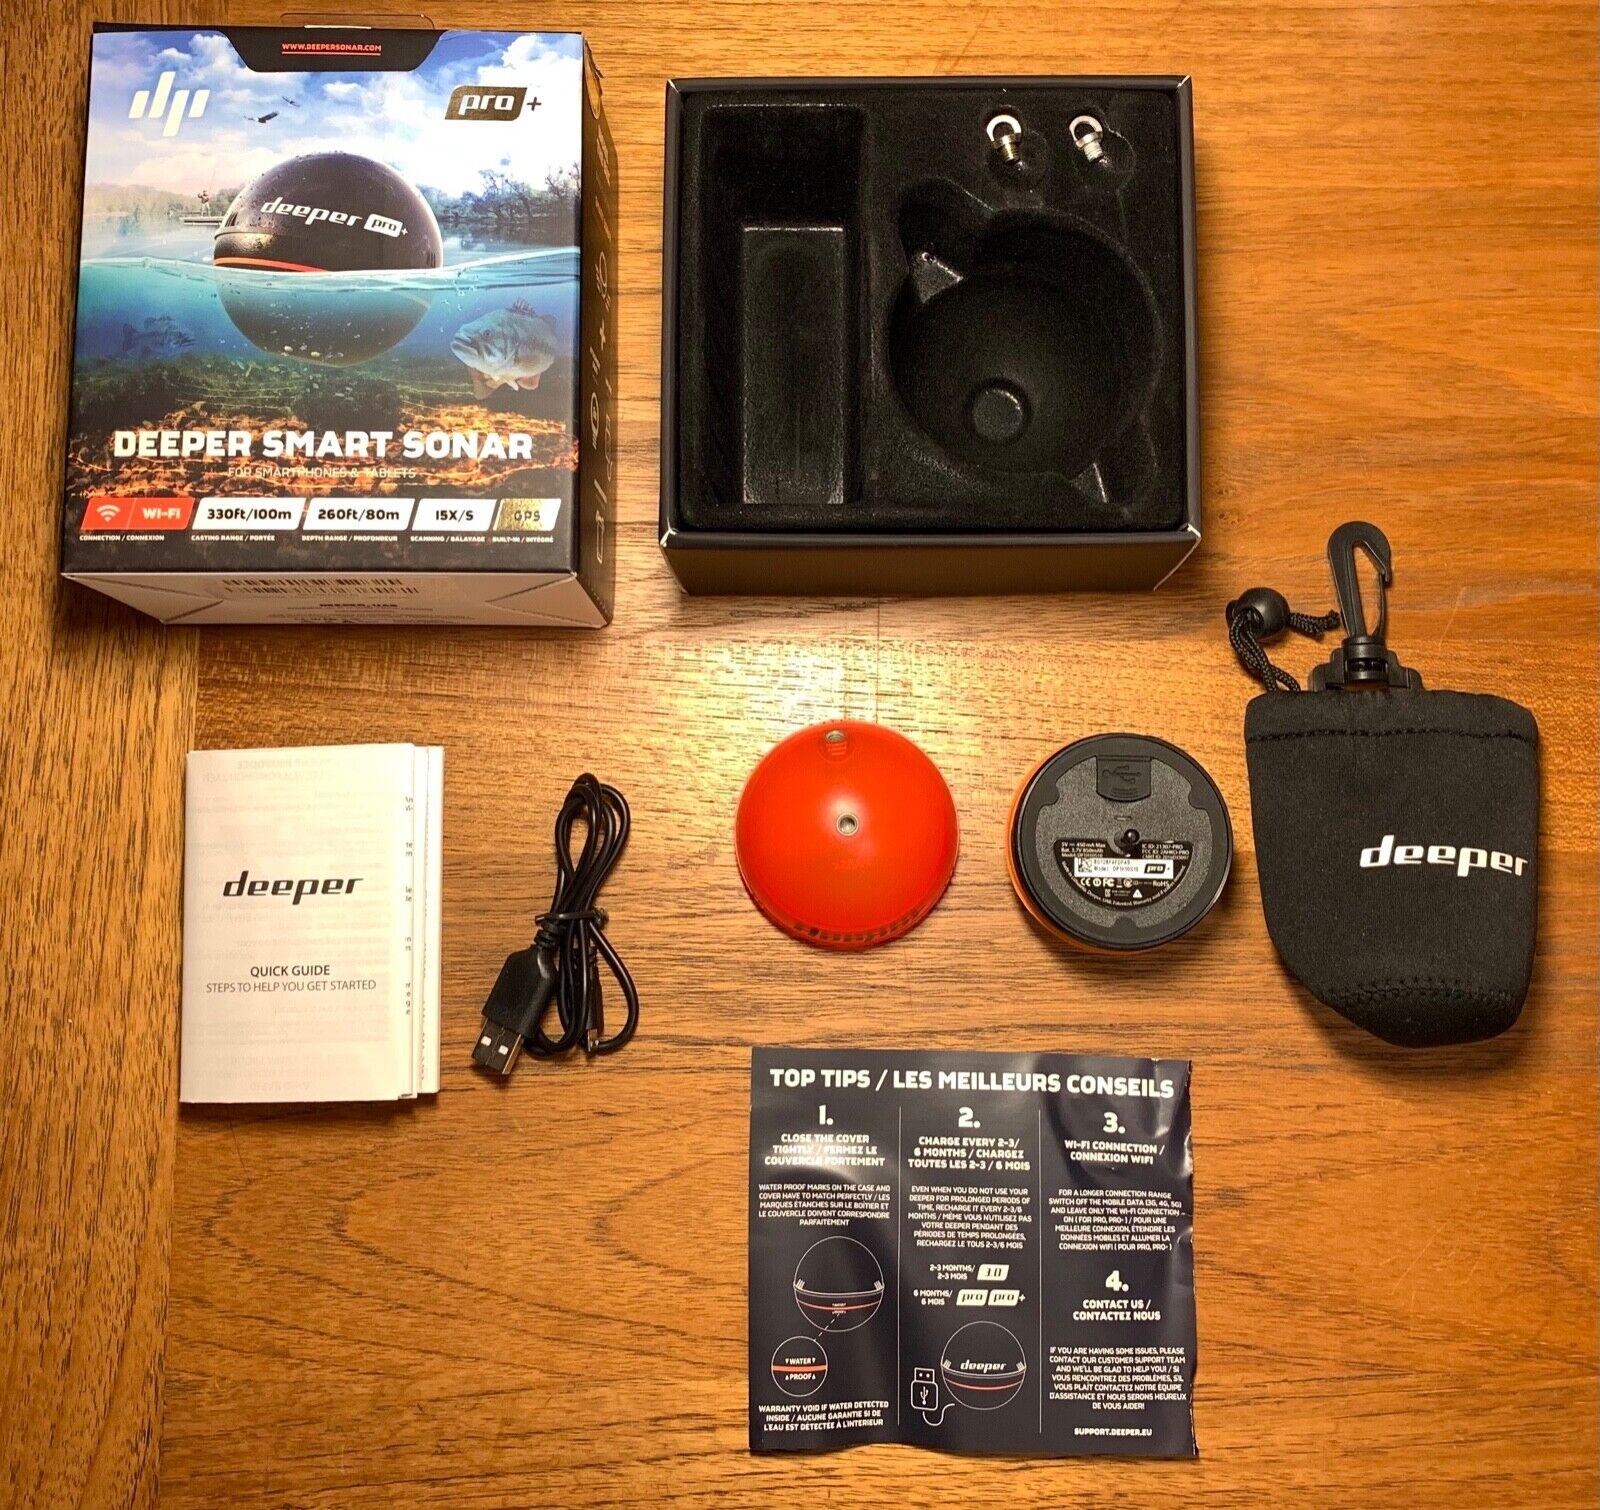 Deeper Sonar Pro Plus with GPS/Wi-fi Wireless Smart Sonar Fi